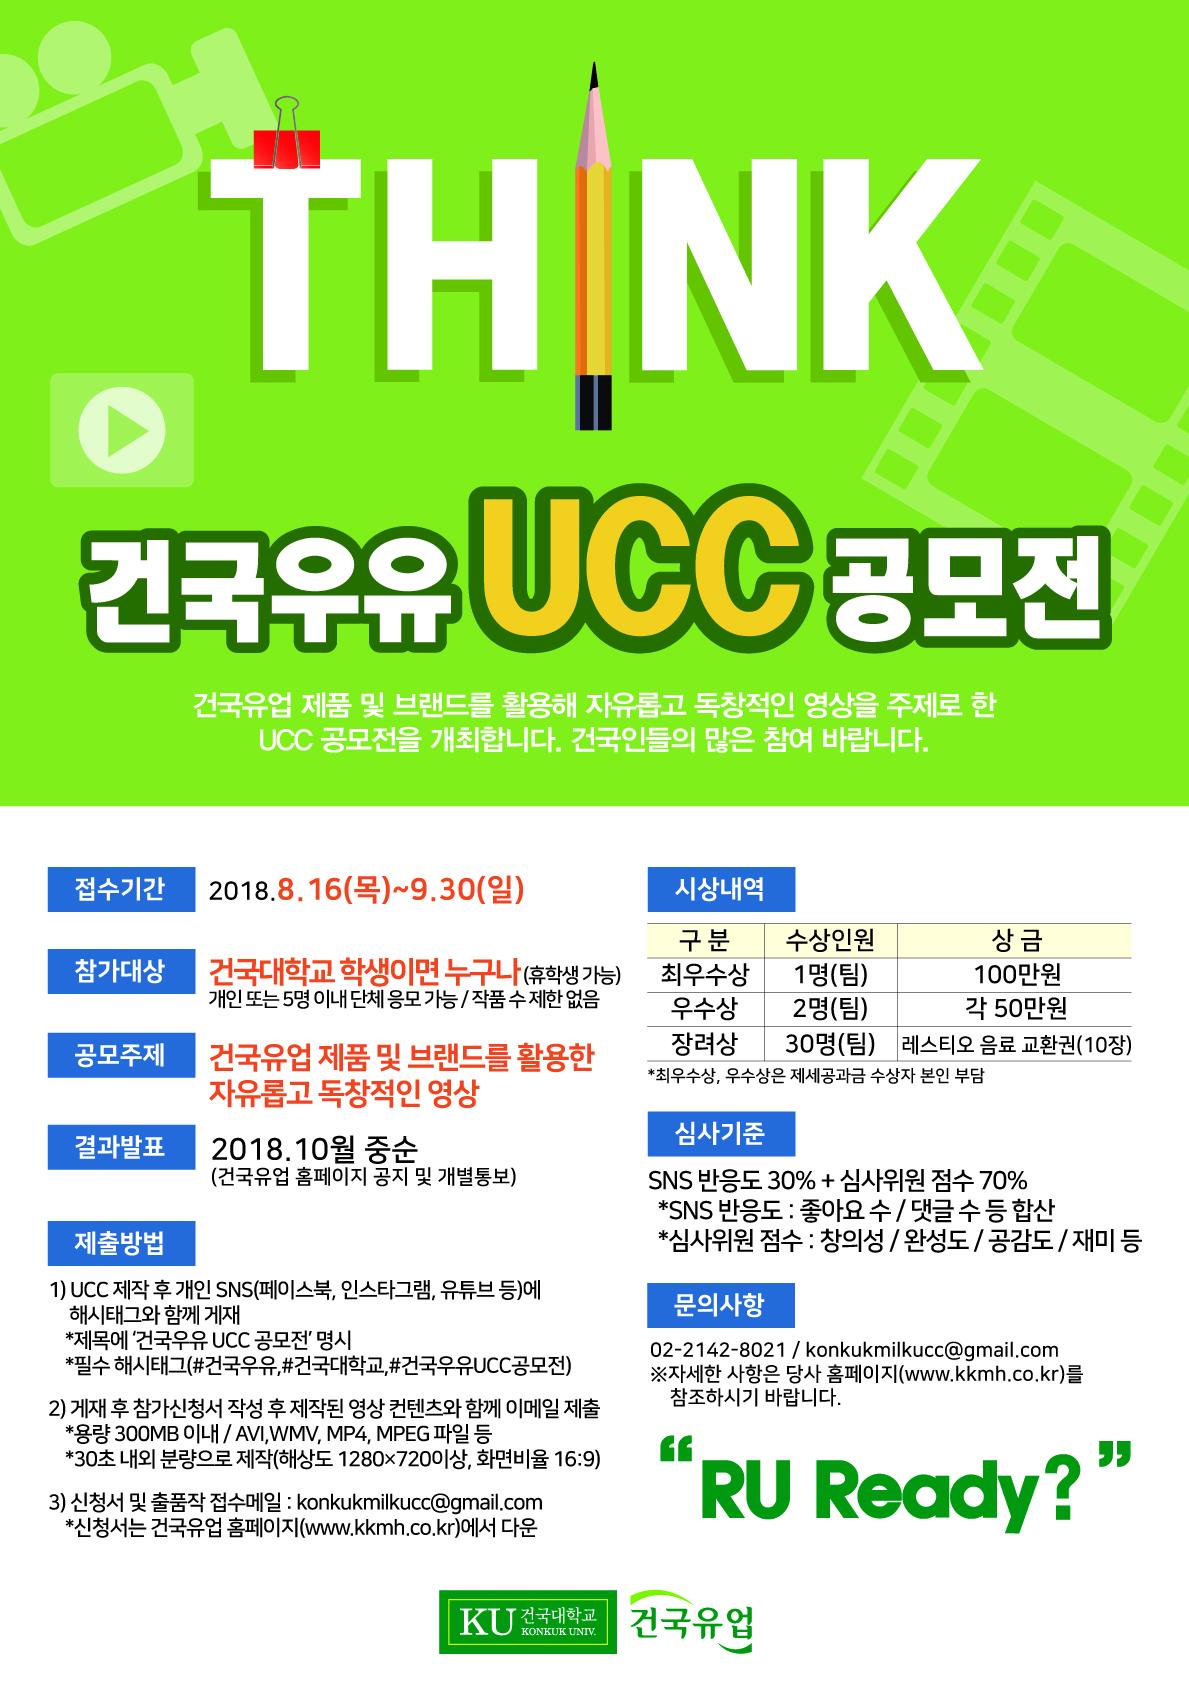 건국우유 UCC 공모전 포스터.jpg